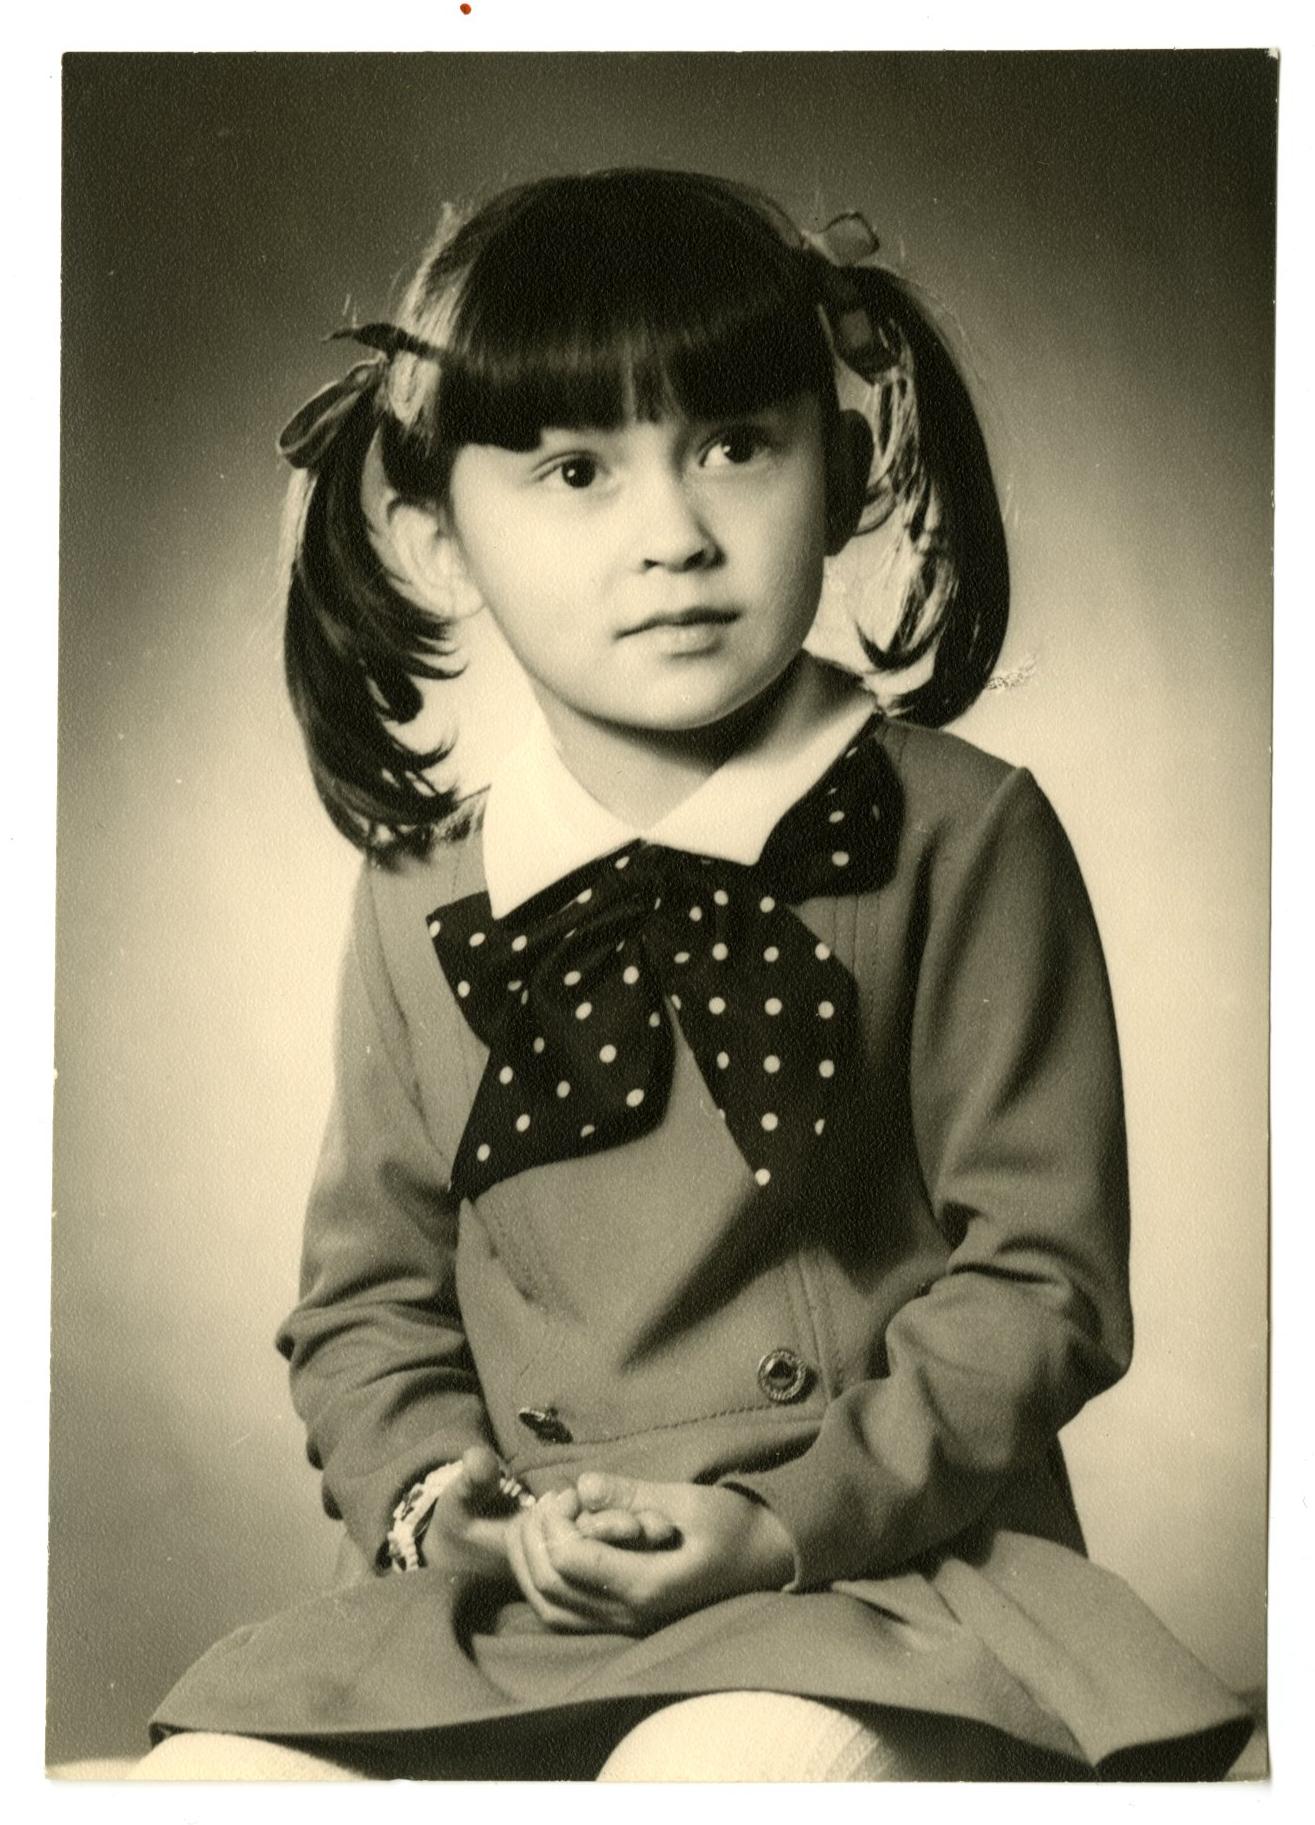 Nathalie at 5 years old